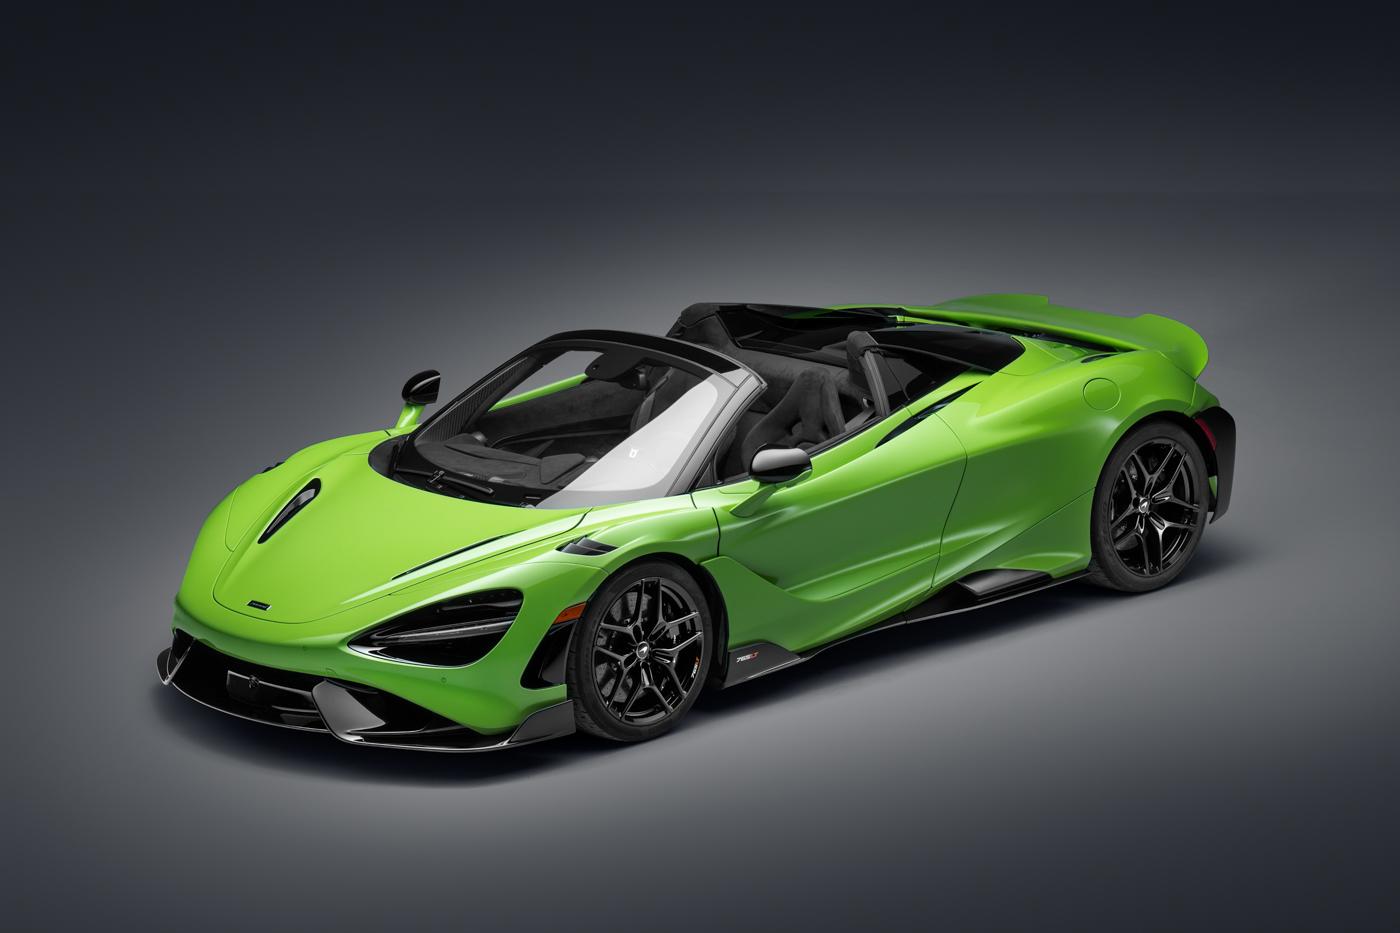 McLaren-765-LT-Spider-siêu-xe-mui-trần-hiệu-năng-cao-dẫn-đầu-phân-khúc-44.jpg